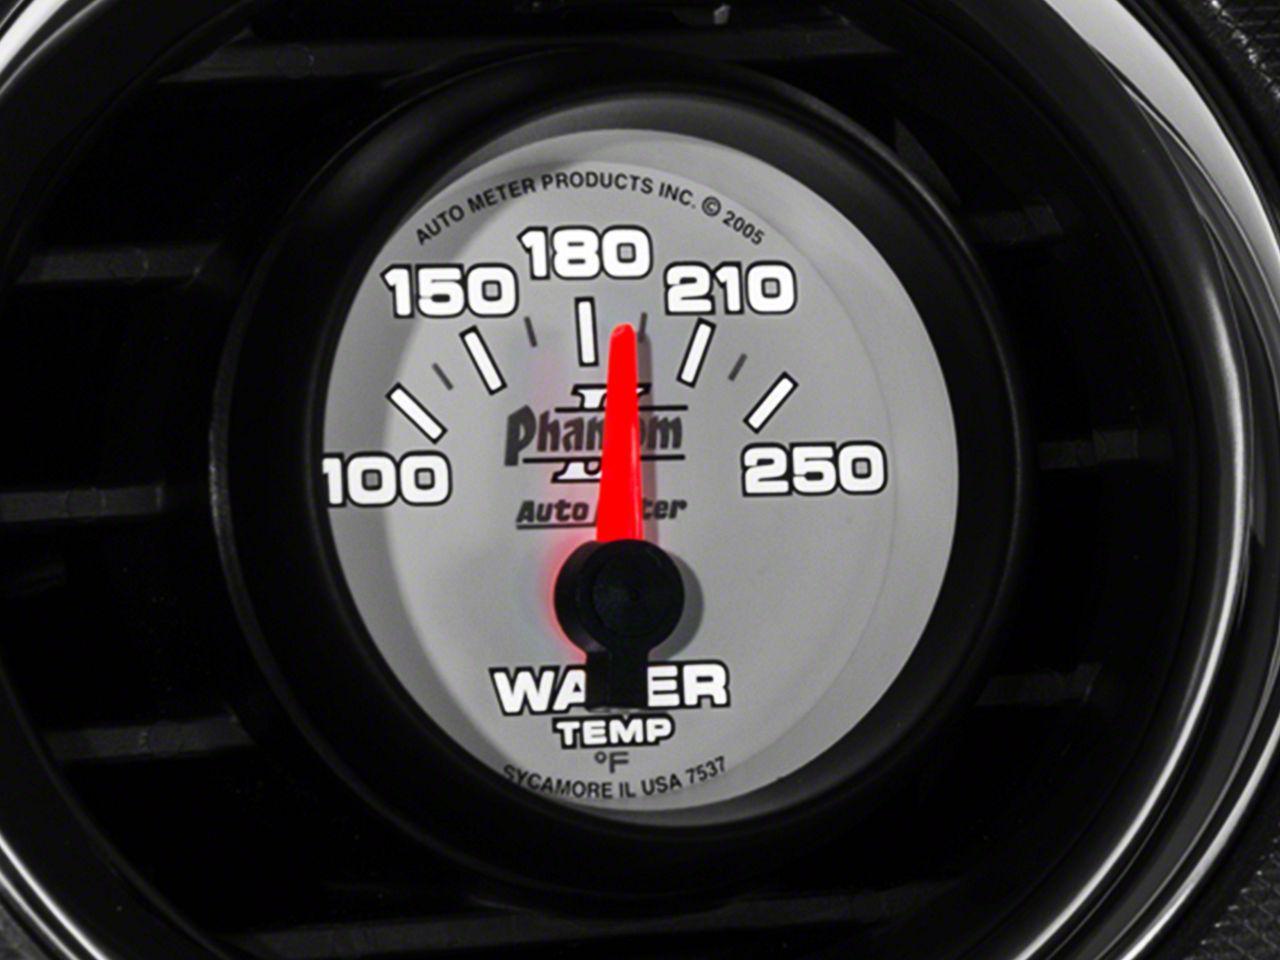 Auto Meter Phantom II Water Temp Gauge - Electrical (08-18 All)